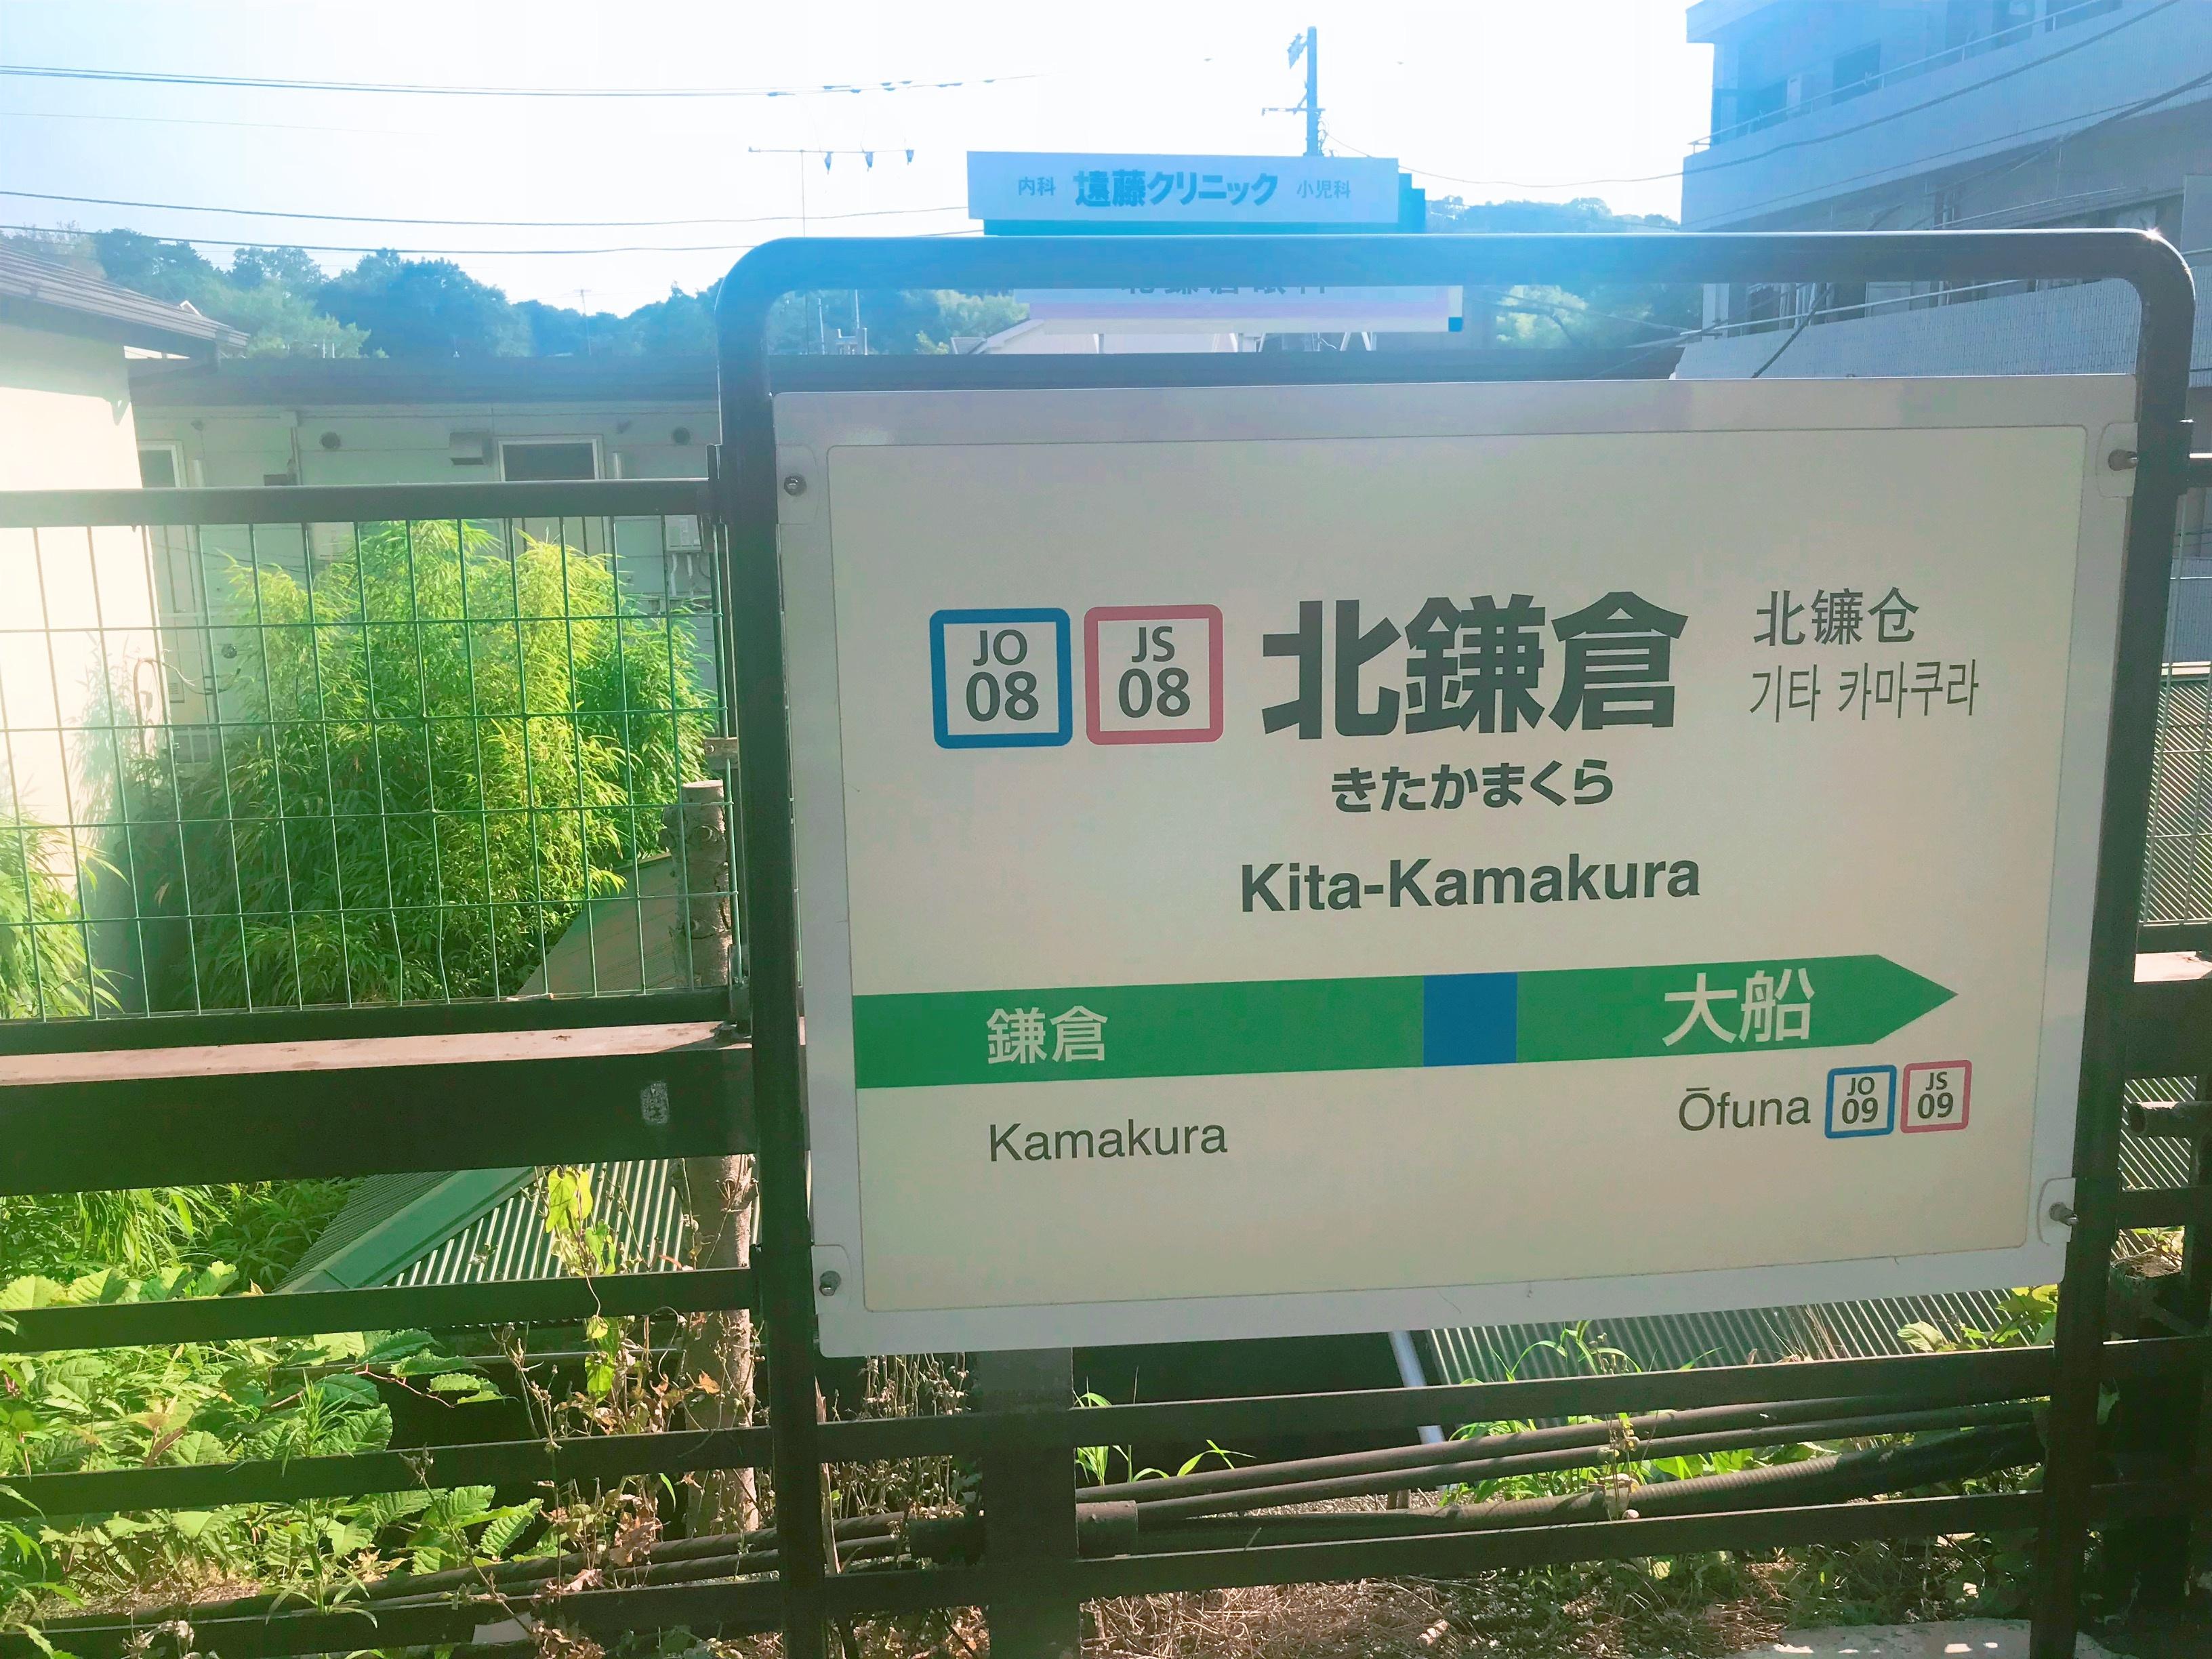 《 鎌倉 》へは今行くのがおすすめ!紫陽花が見頃です ♡_1